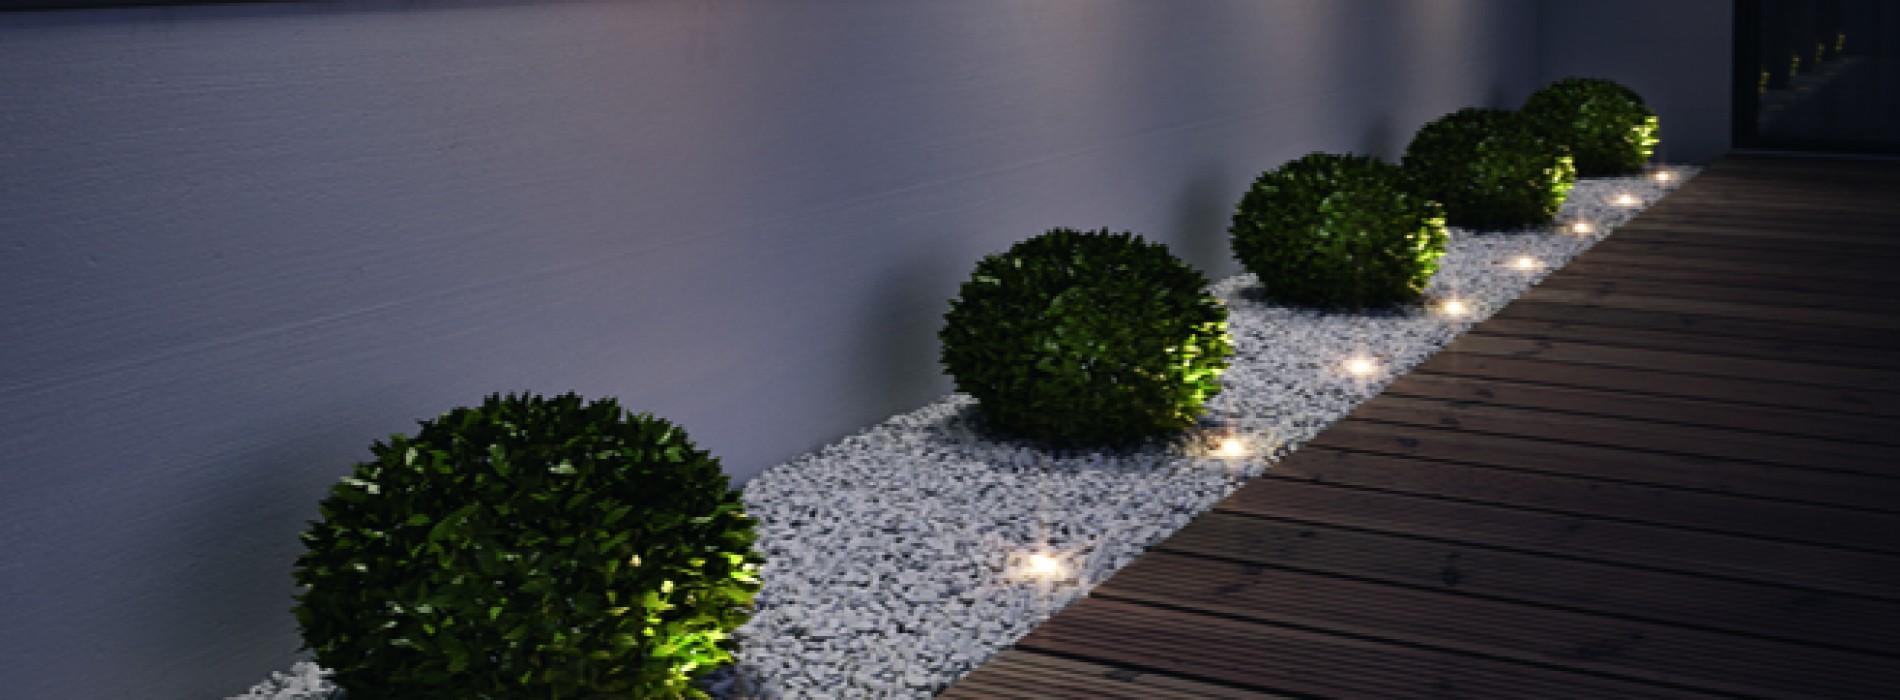 Art culos de iluminaci n el ctricos para el jard n - Cosas para el jardin ...